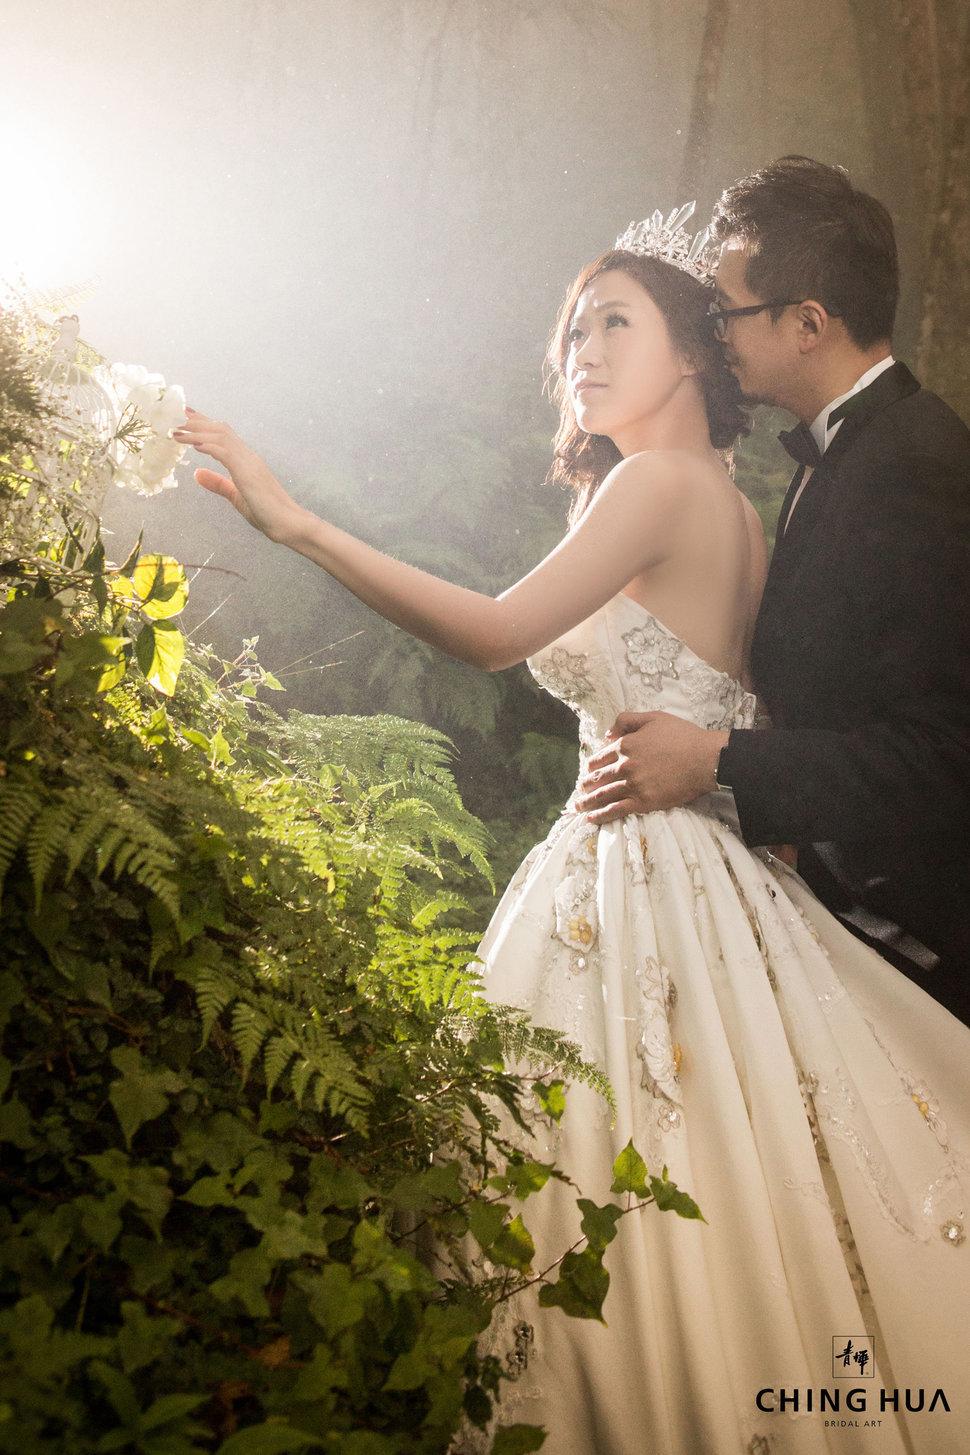 <青樺婚紗>特色婚紗-滿滿少女心(編號:433060) - 青樺婚紗CHINGHUA - 結婚吧一站式婚禮服務平台